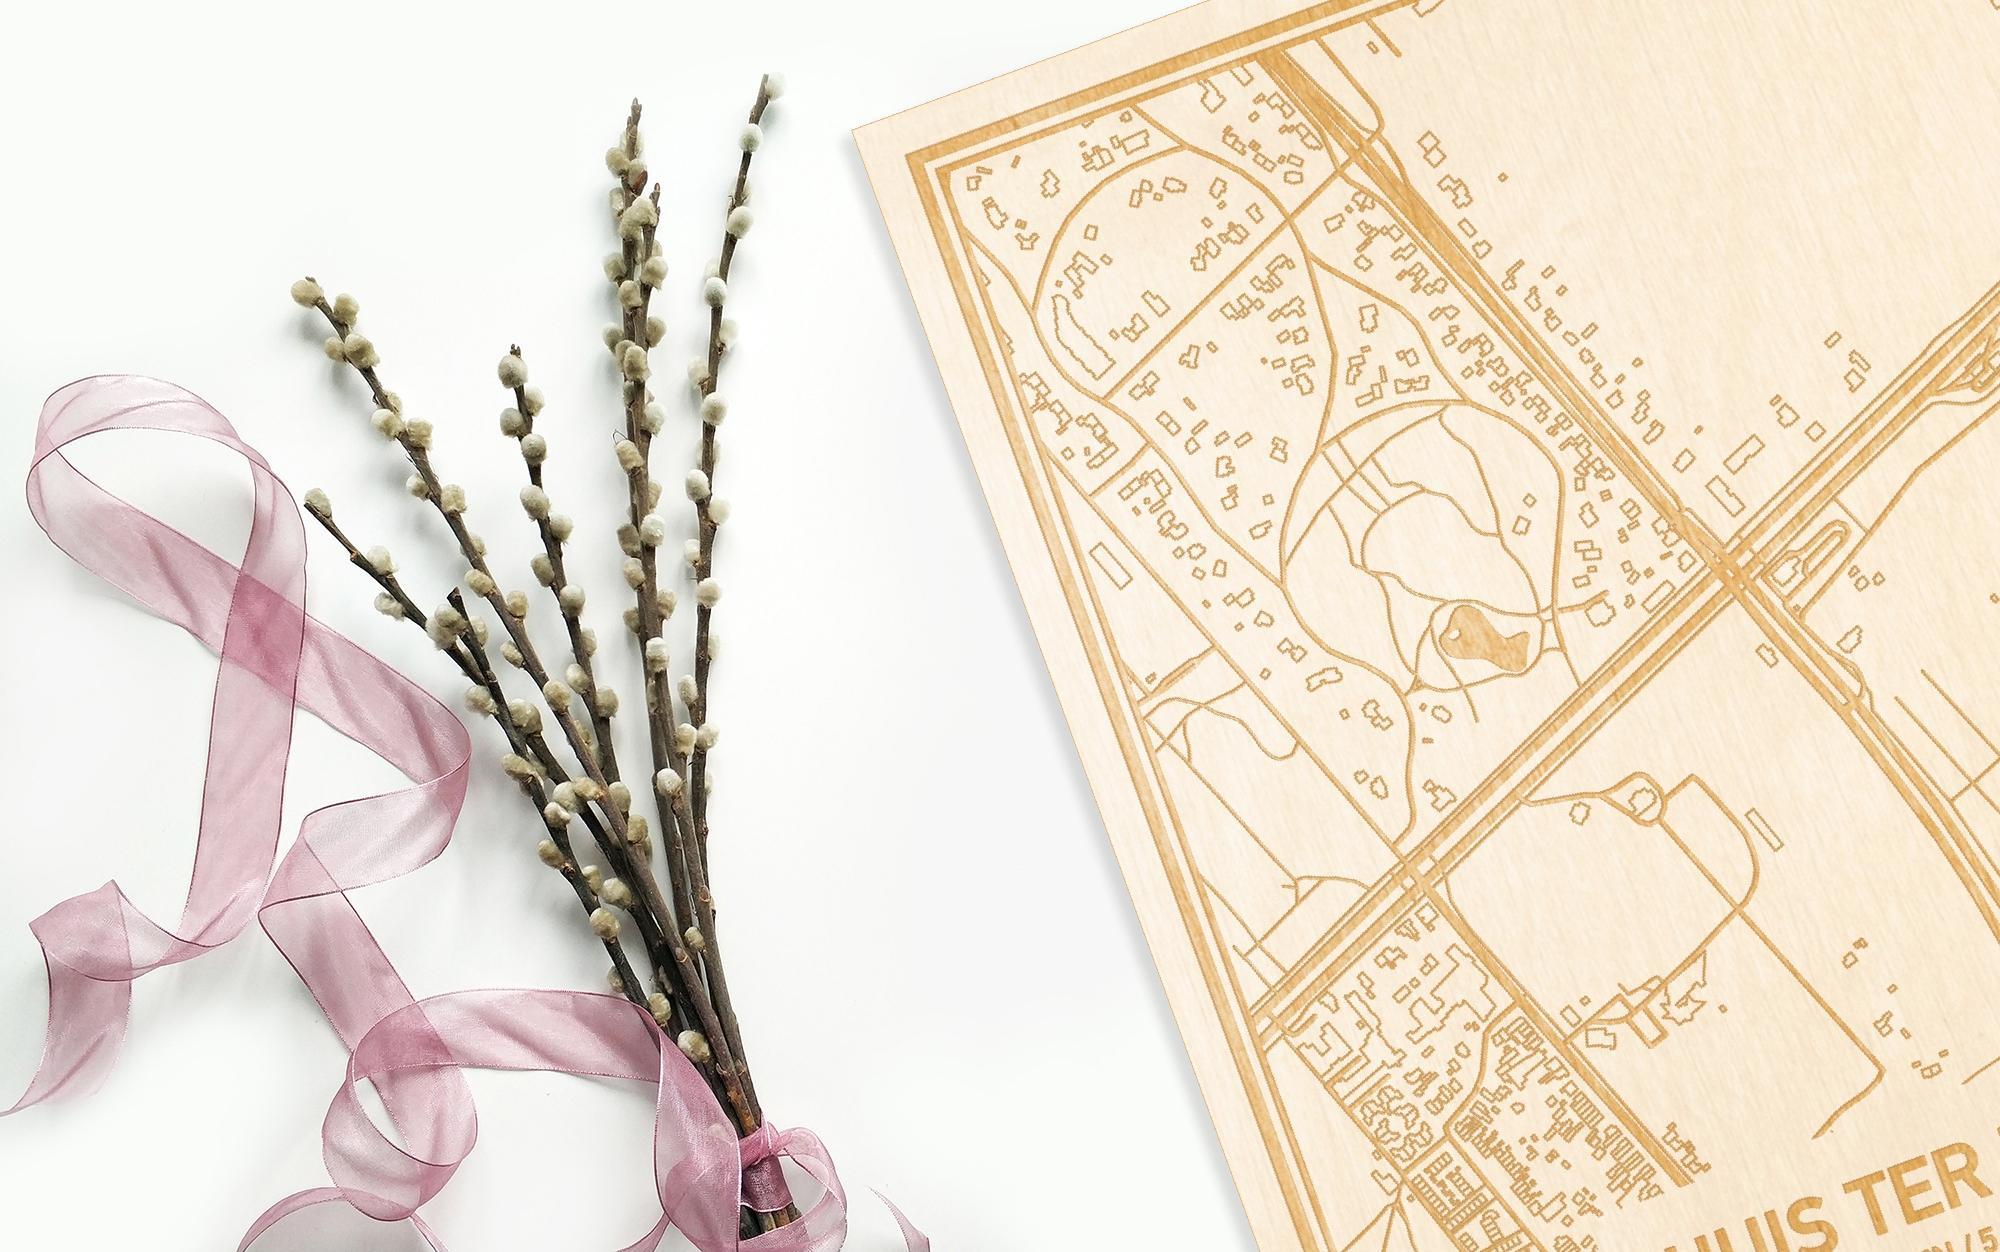 Hier ligt de houten plattegrond Huis ter Heide naast een bloemetje als gepersonaliseerd cadeau voor haar.